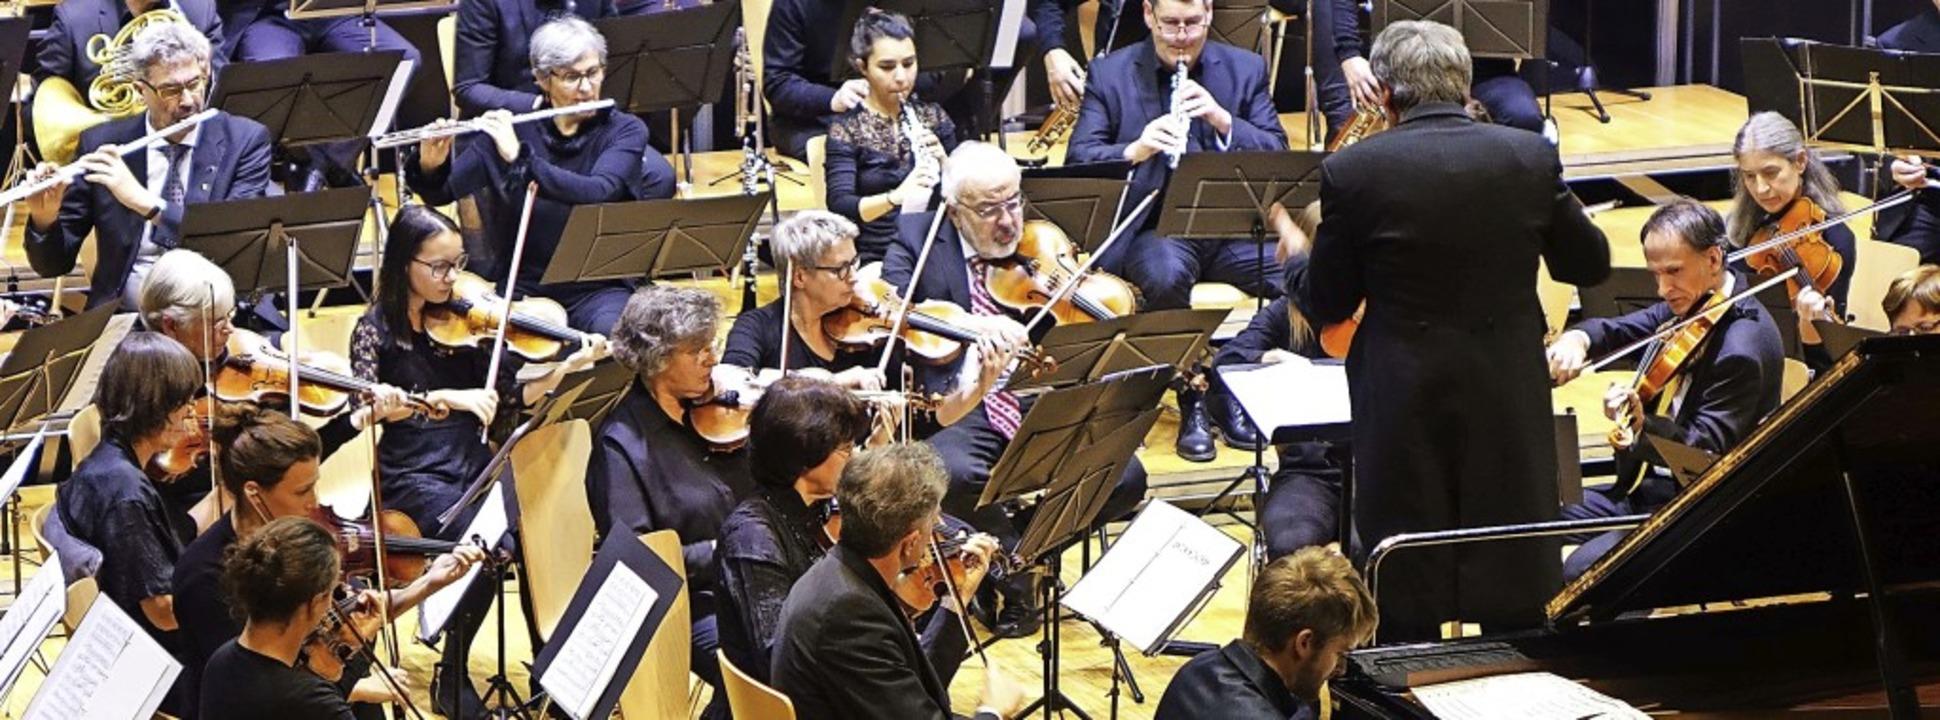 Das Oberrheinische Sinfonieorchester L...ert-Konzert in der Wehrer Stadthalle.   | Foto: Roswitha Frey